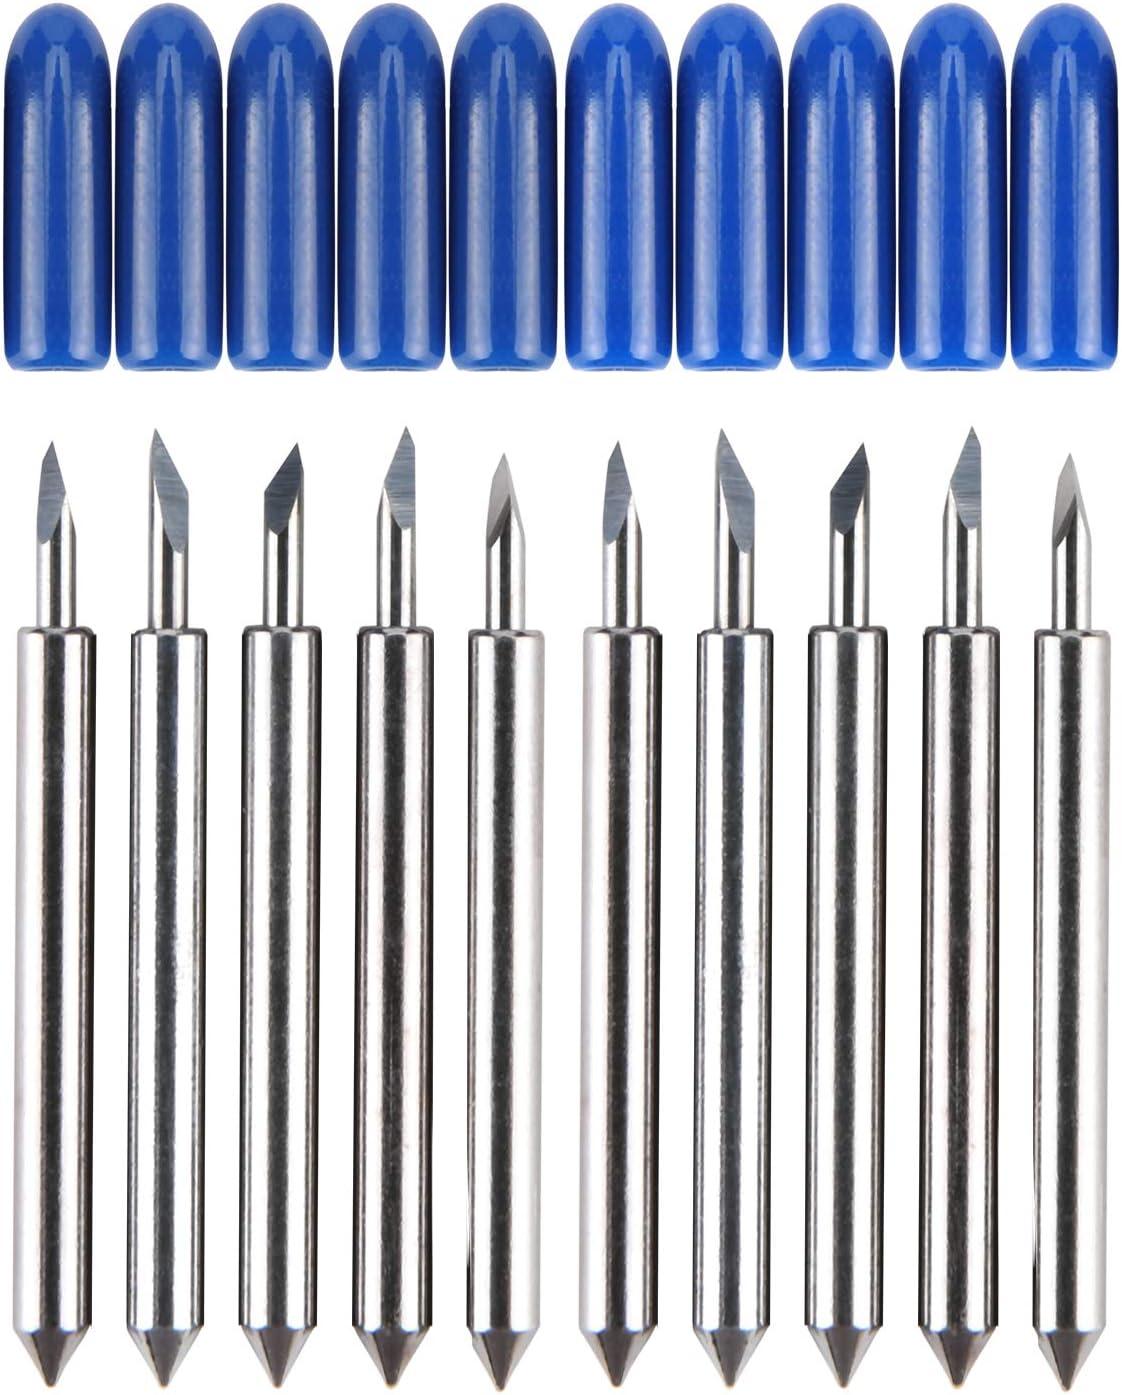 HQMaster - Cuchillas de acero de tungsteno para cortar vinilos para plotter de corte, 10 unidades: Amazon.es: Bricolaje y herramientas